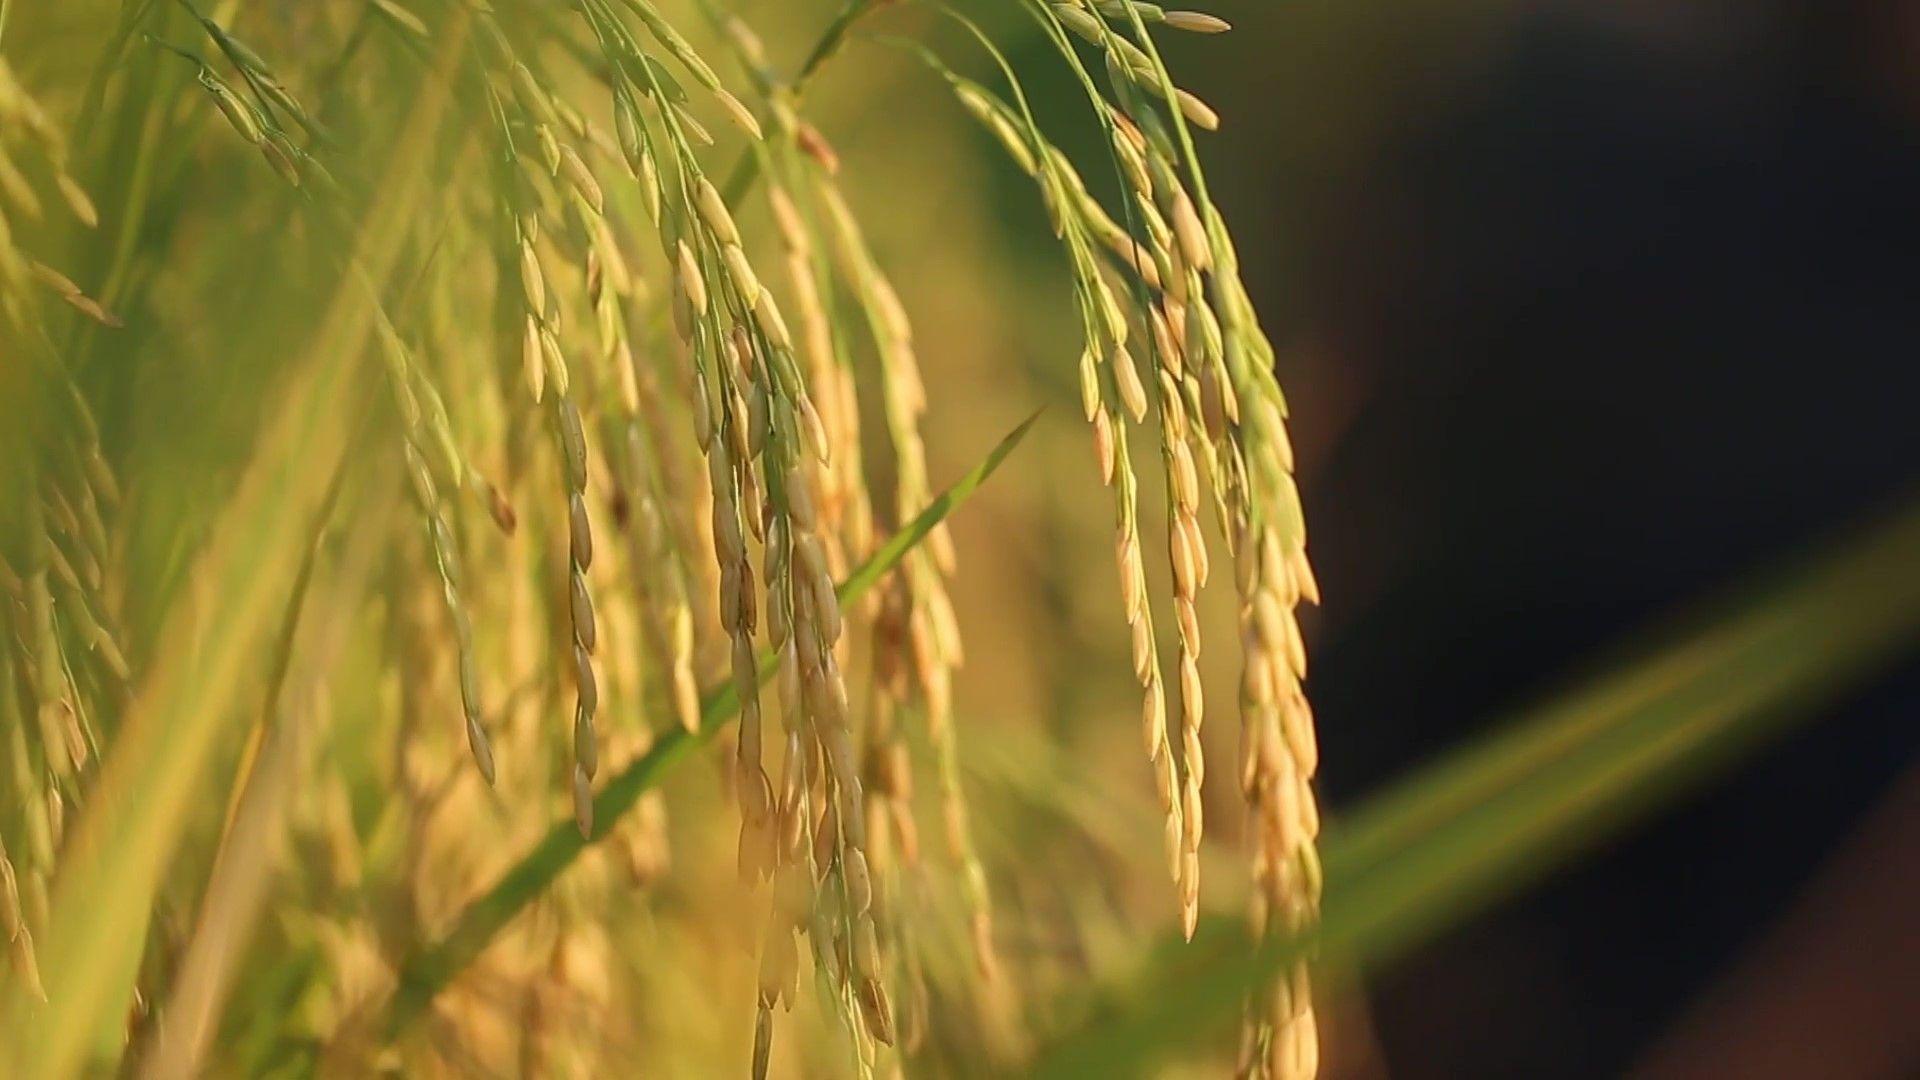 ปุ๋ยเคมี ไม่ใช่สารพิษ ใช้ถูกสูตร ถูกอัตรา ถูกเวลา ถูกวิธี มีความรู้ เพิ่มทางรอดให้เกษตรกรไทย